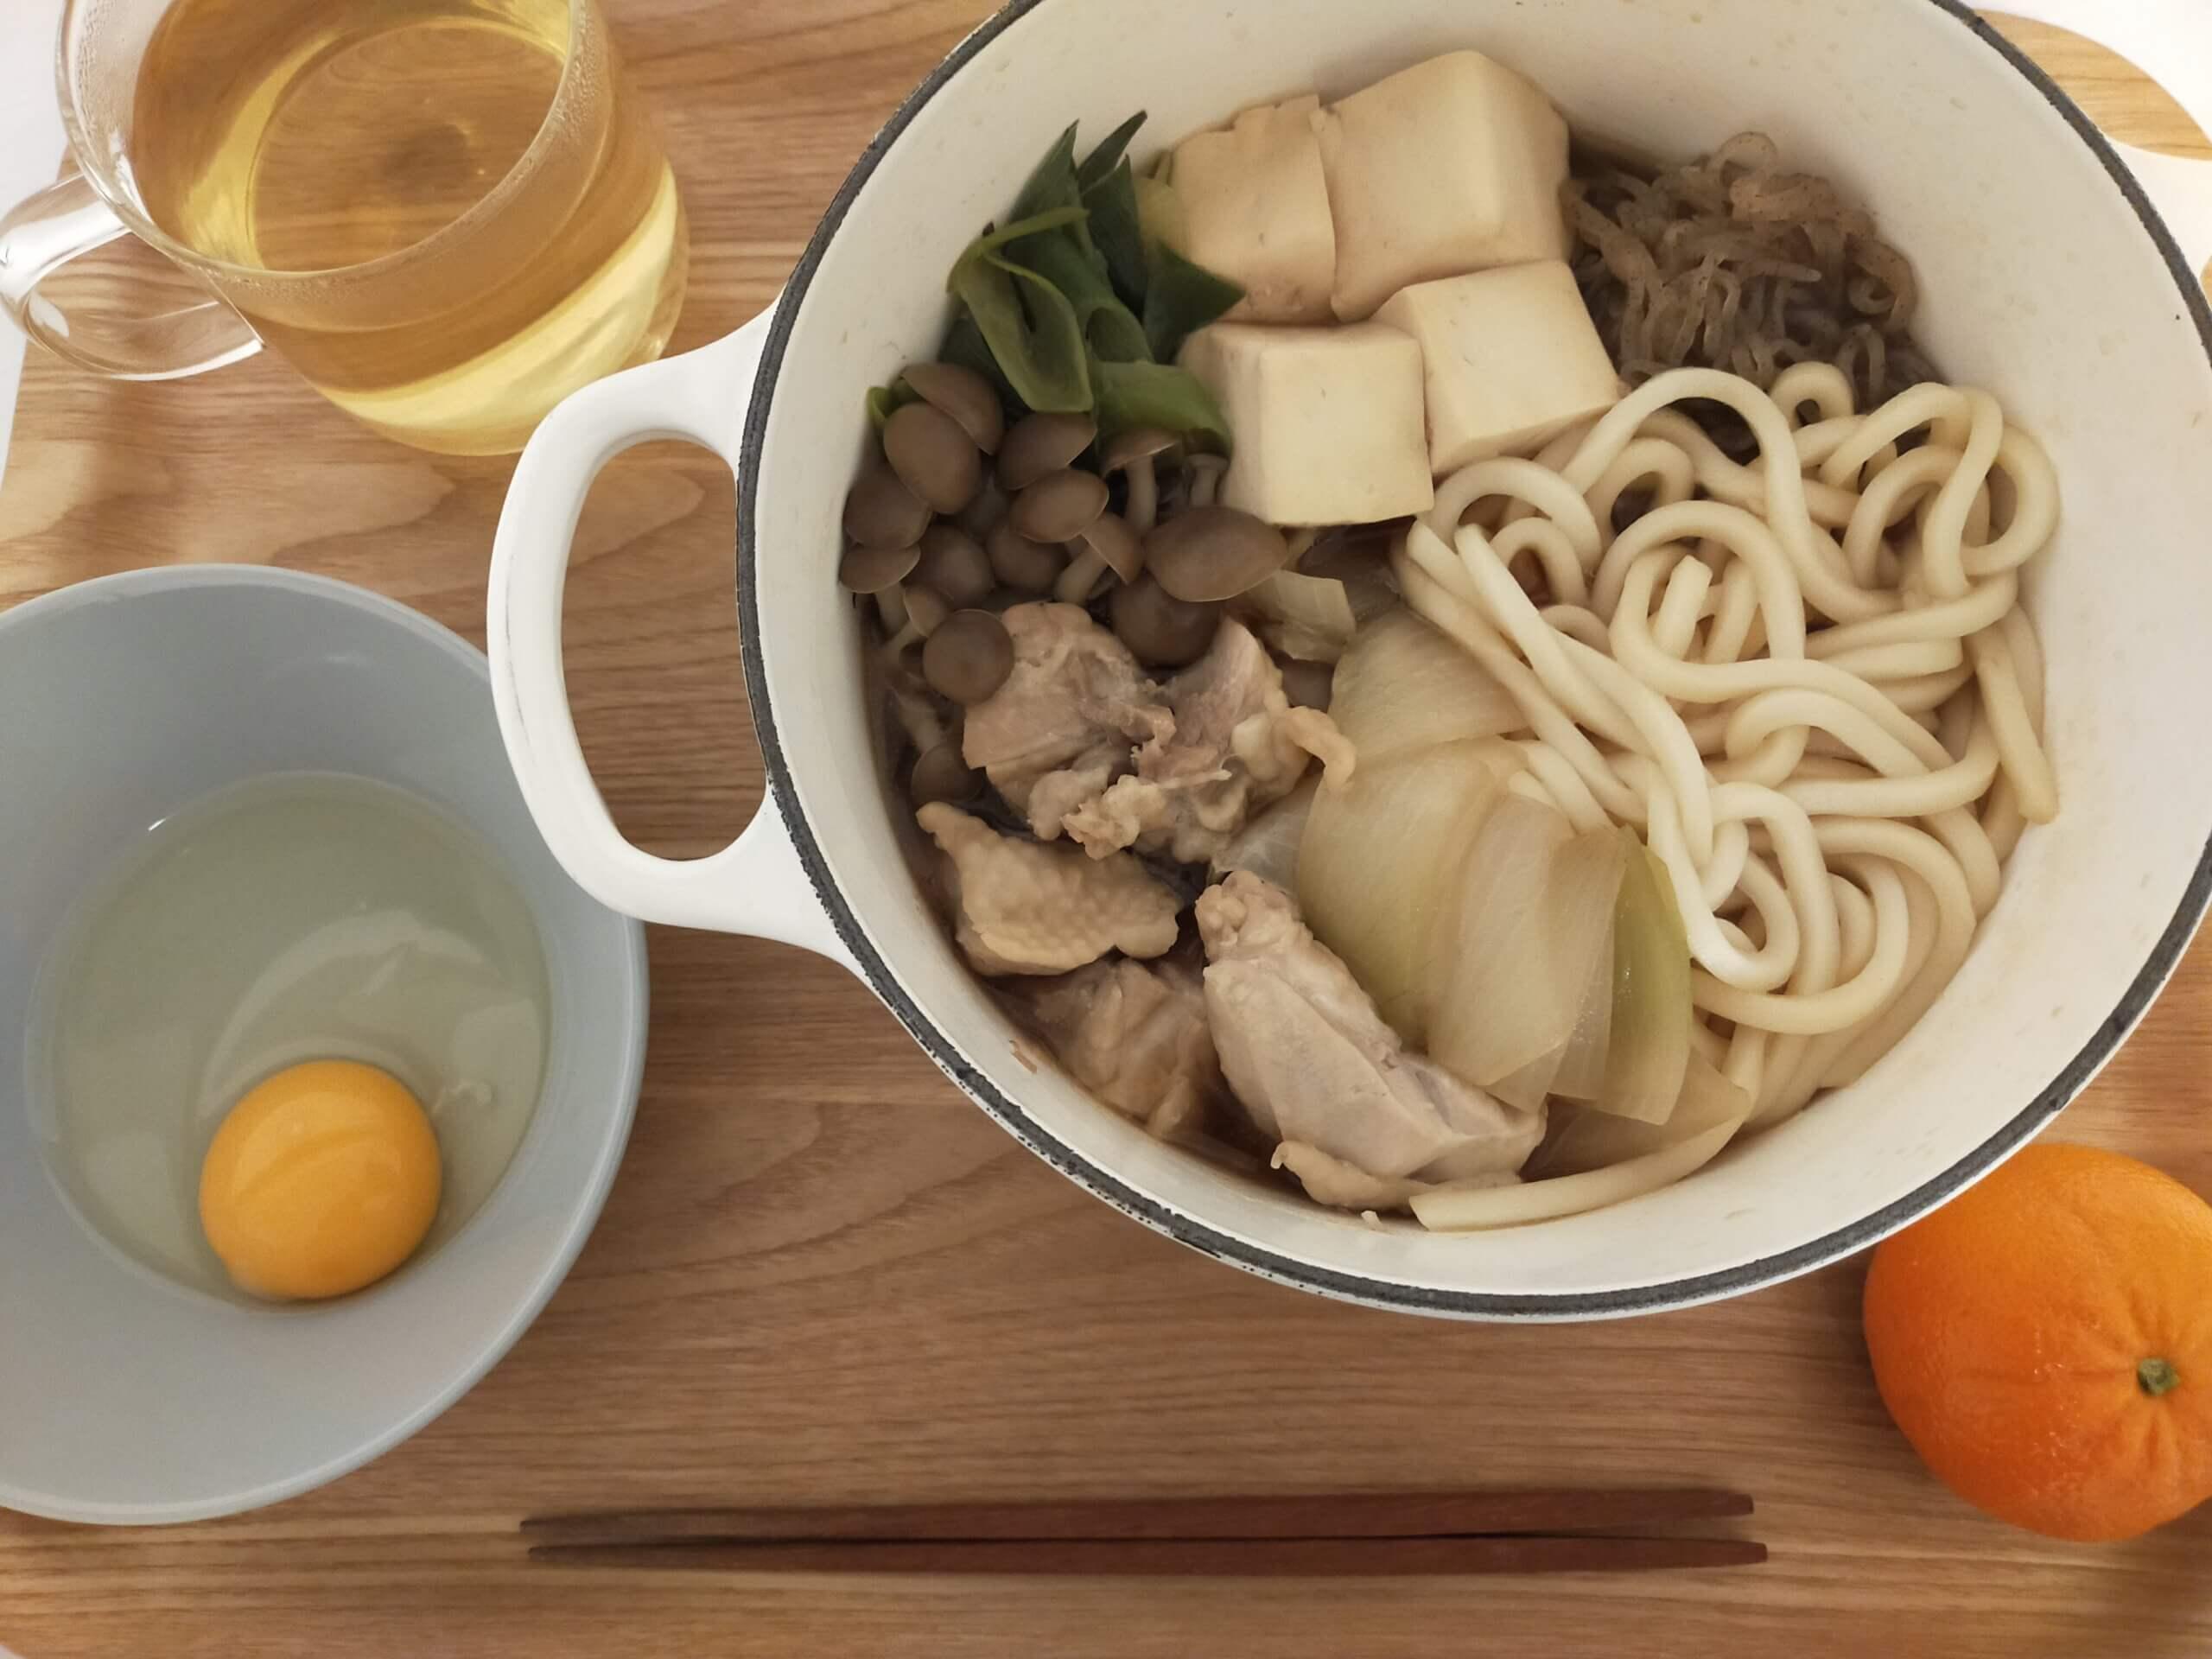 イオン・トップバリュの山型食パン/鶏肉のすき焼き